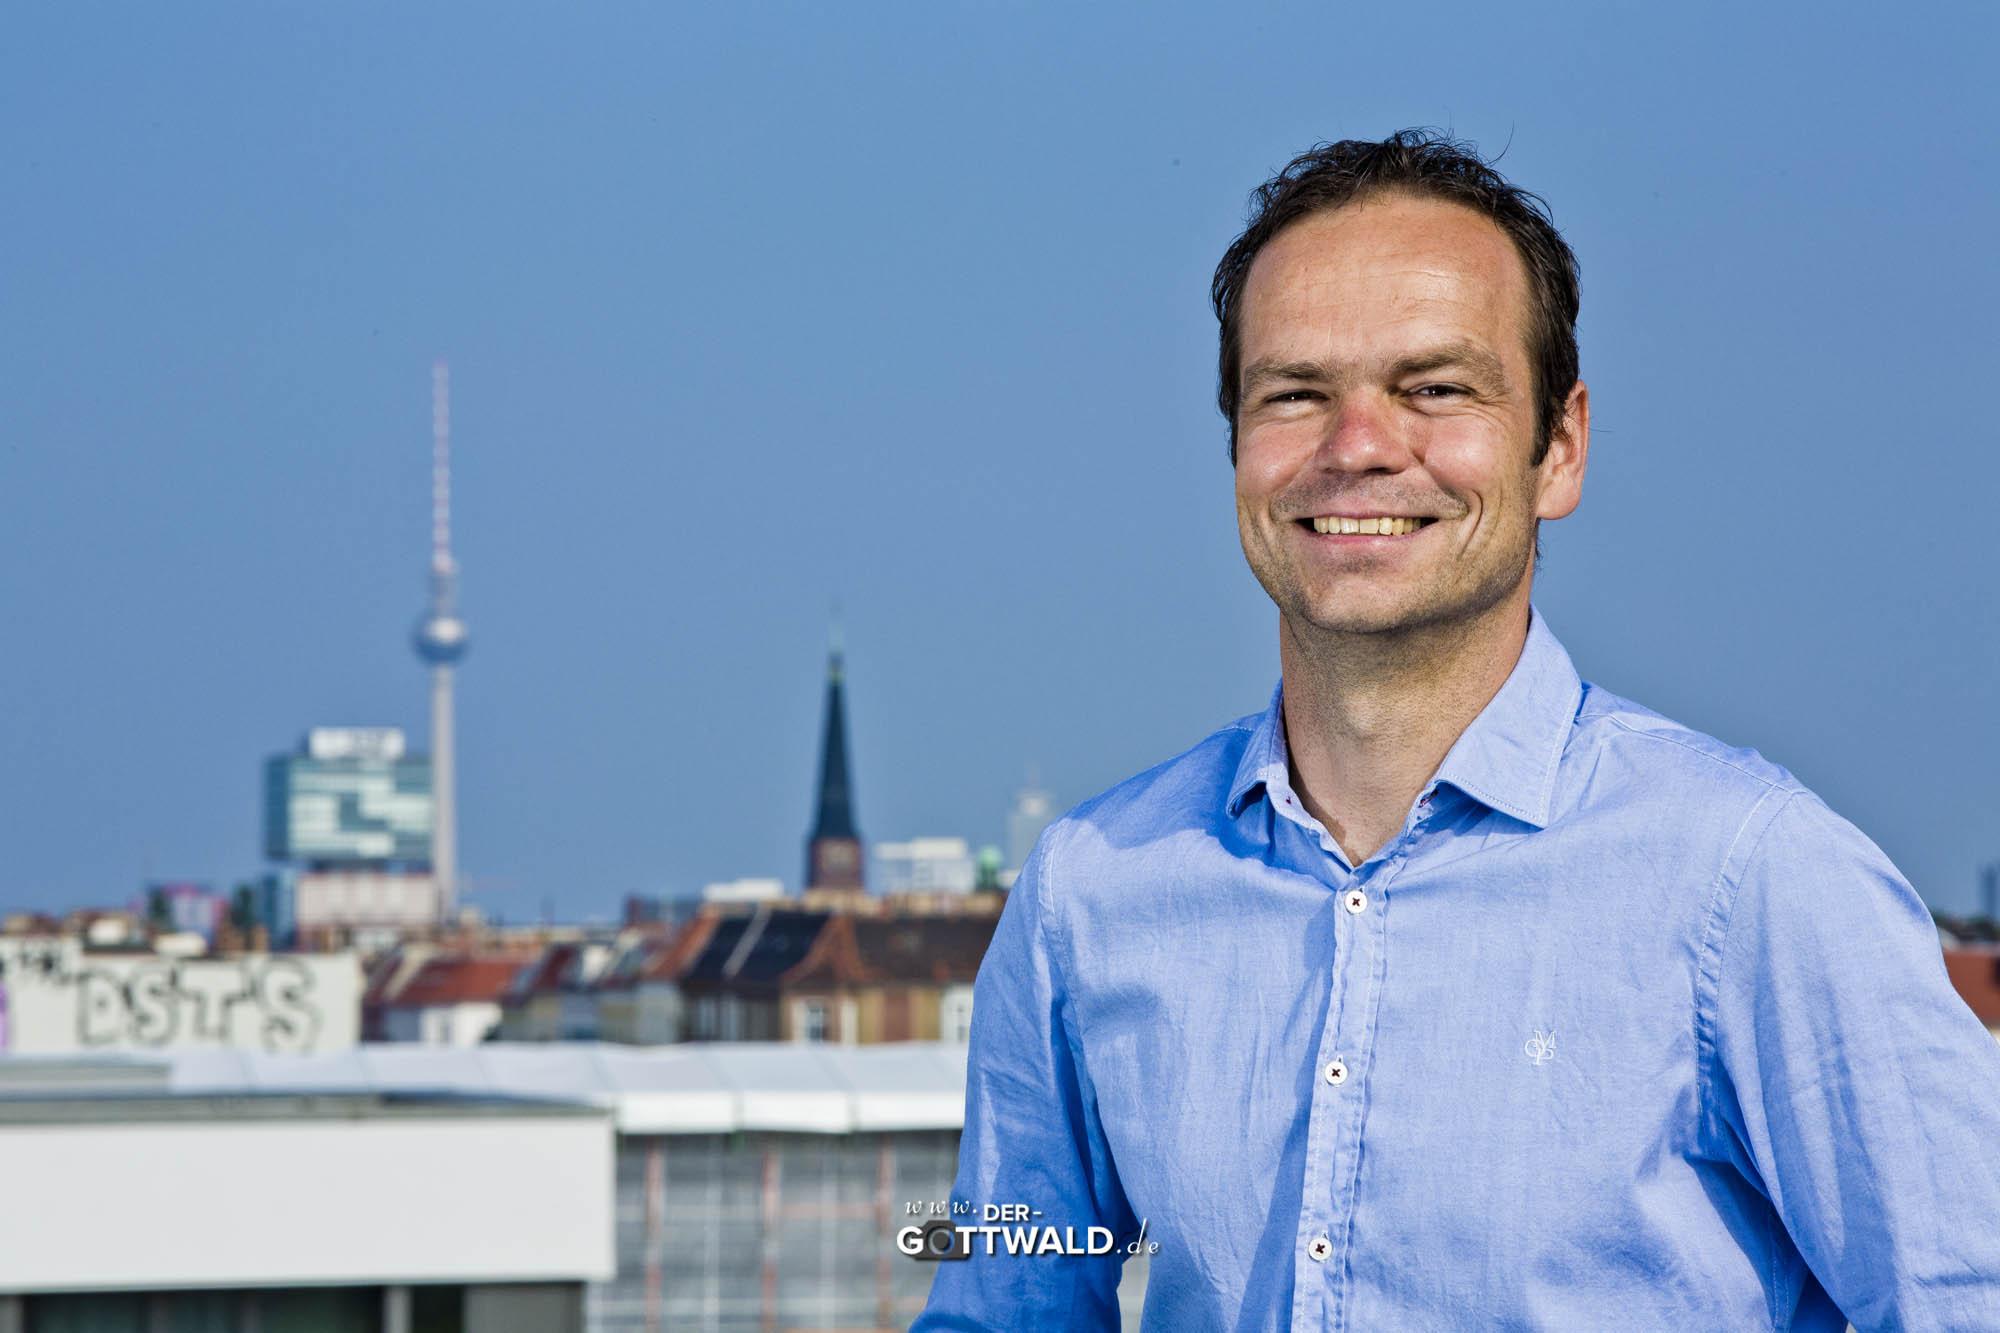 der-gottwaldDE - Business-Portrait 12.jpg